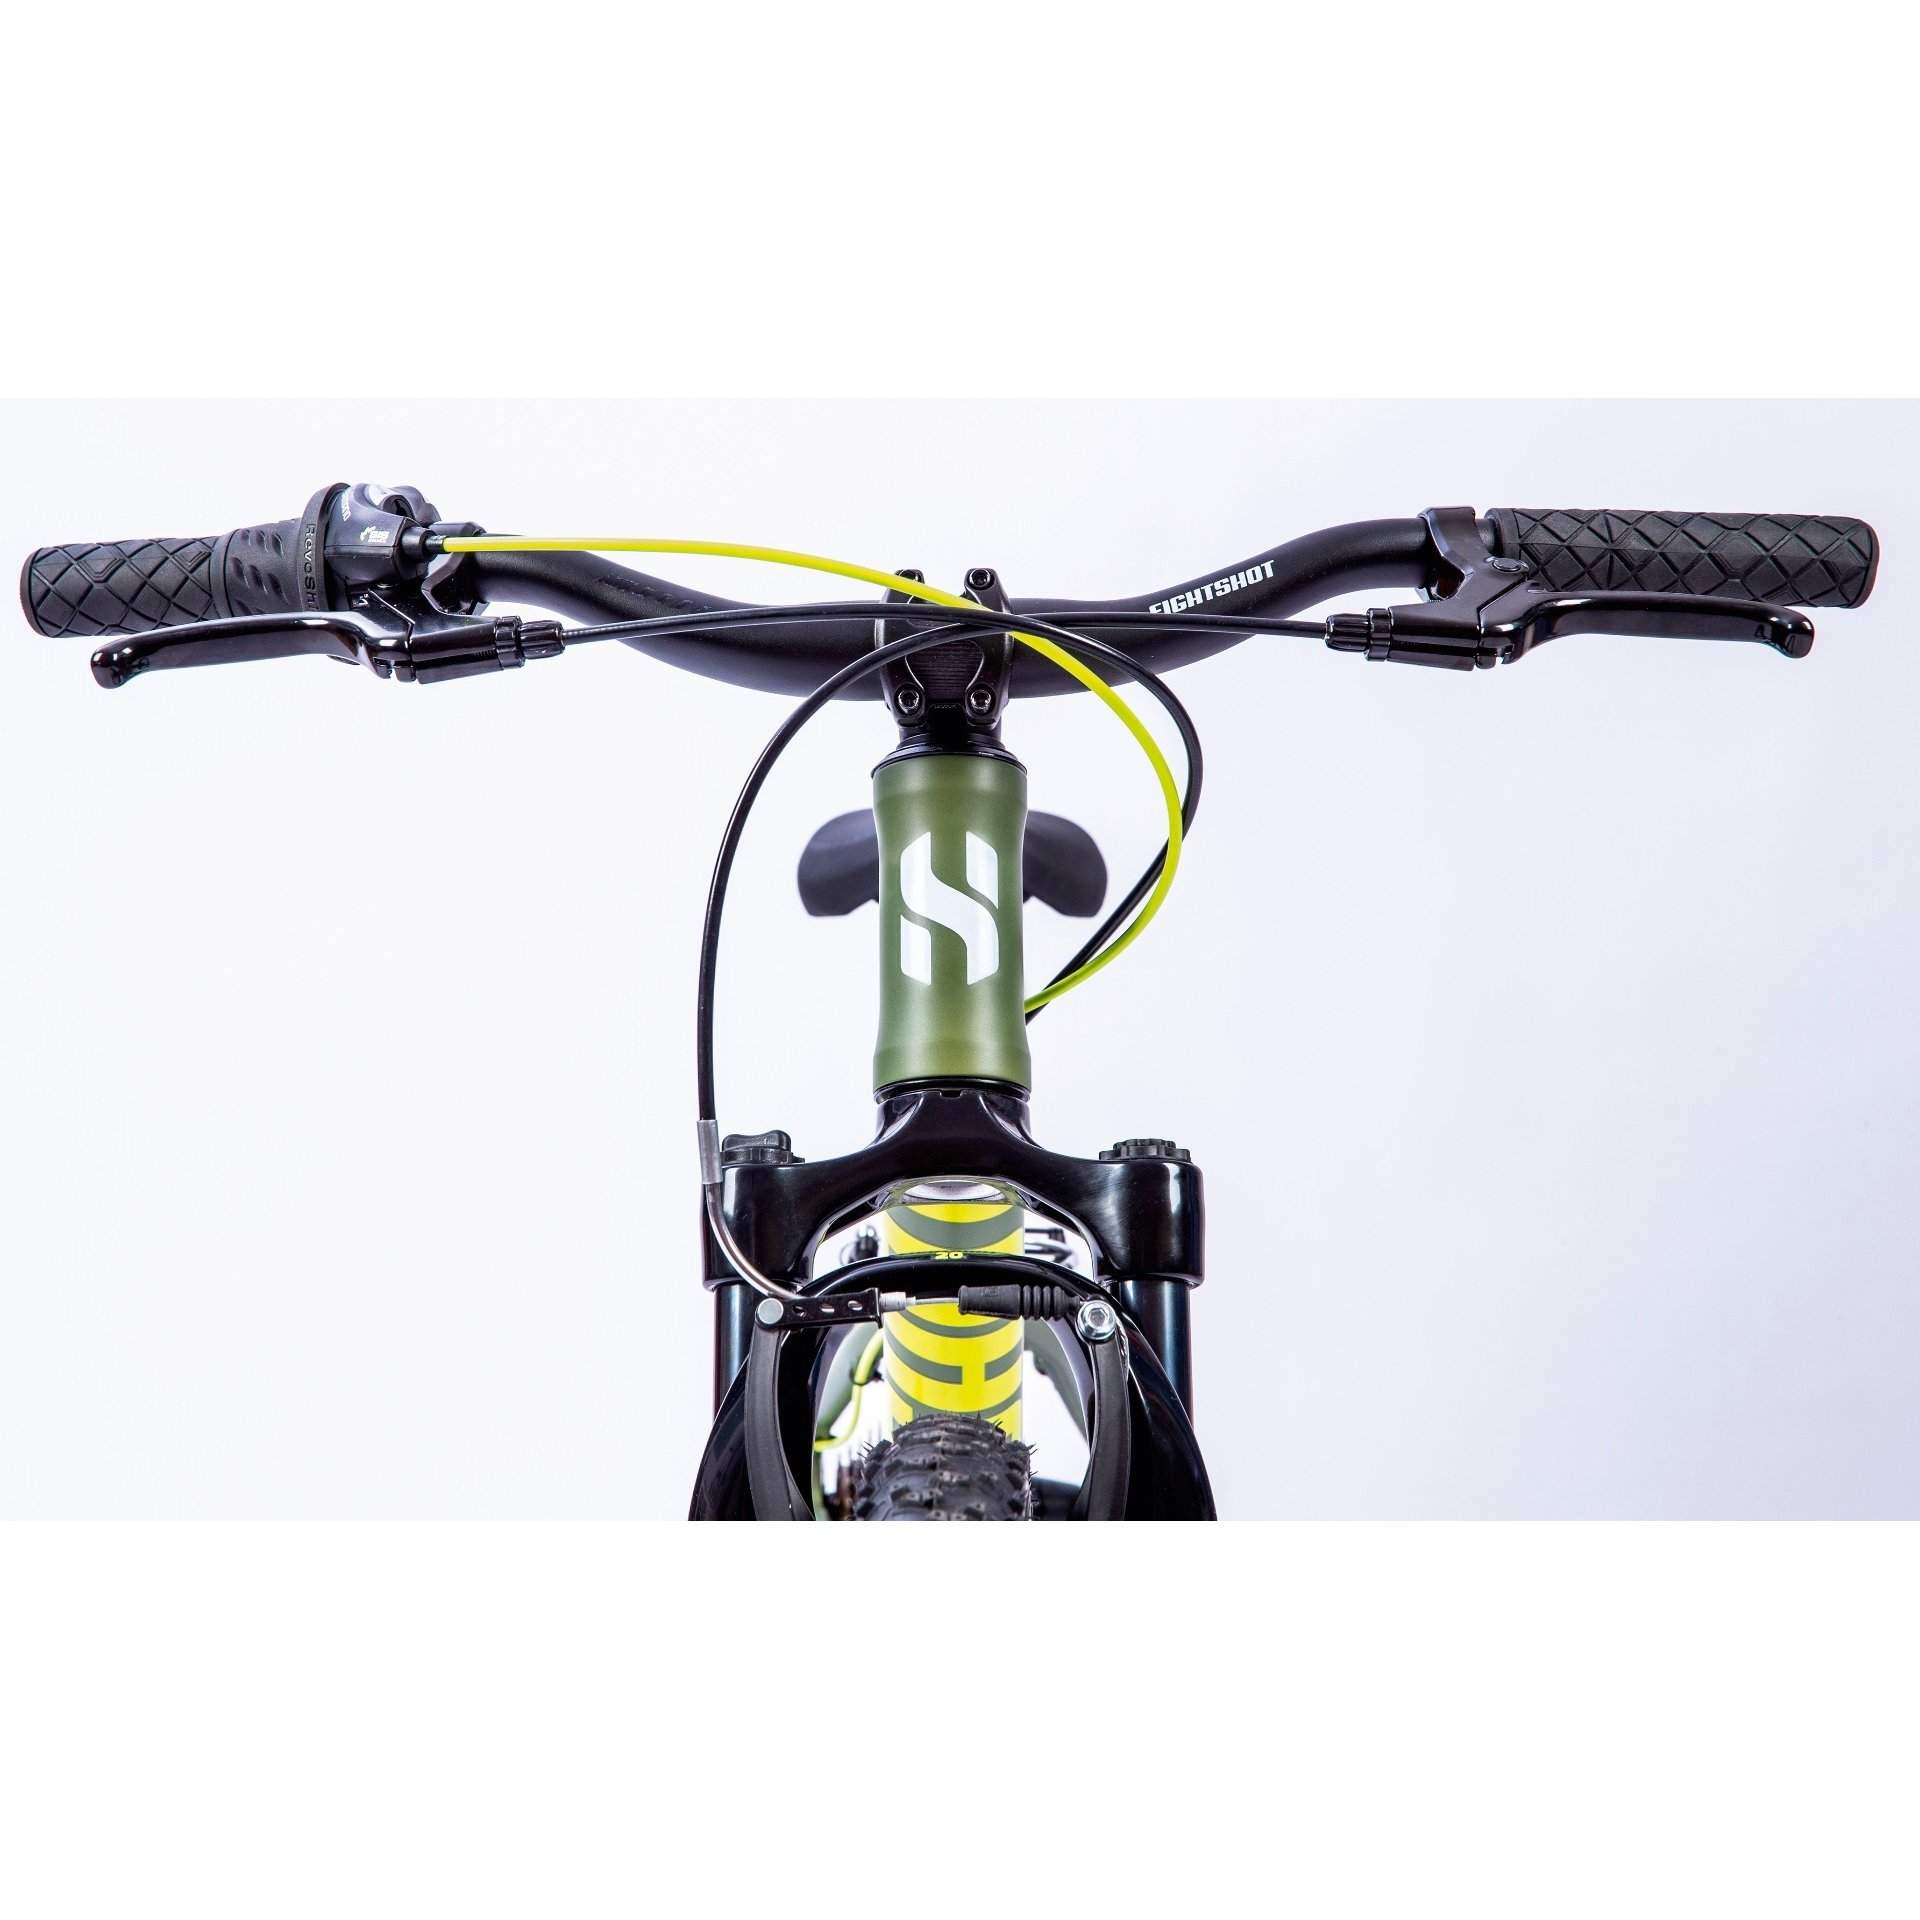 ROWER EIGHTSHOT X-COADY 20 FS 7020 GREEN 4